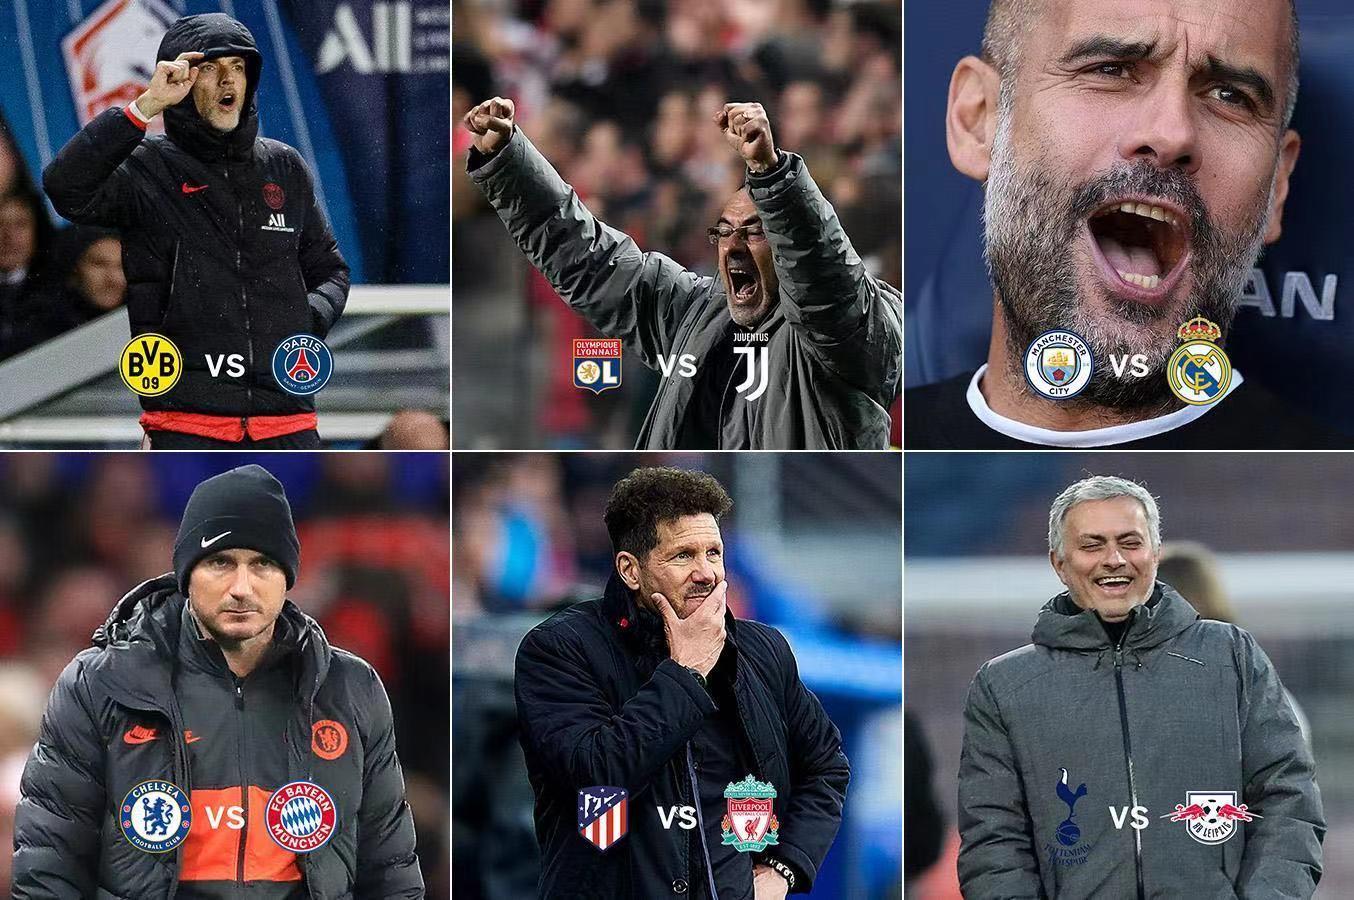 一图流:欧冠淘汰赛抽签揭晓后,各位教练的表情如图